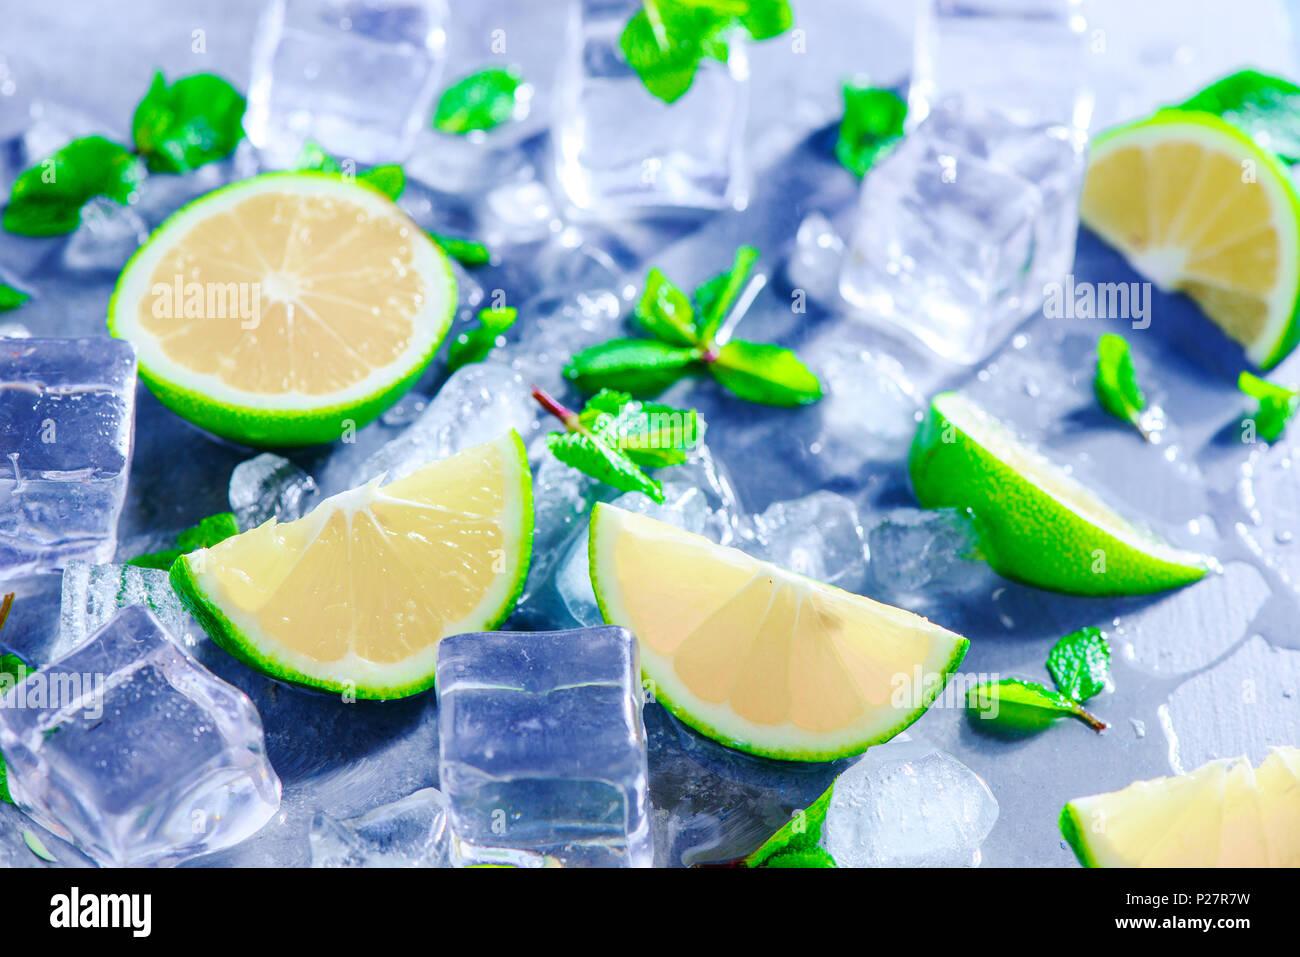 Minze, Limette und Eiswürfel, Mojito cocktail Zutaten Header mit kopieren. Die sommer Getränke close-up. Sonnenlicht und Erfrischung Konzept. Stockfoto